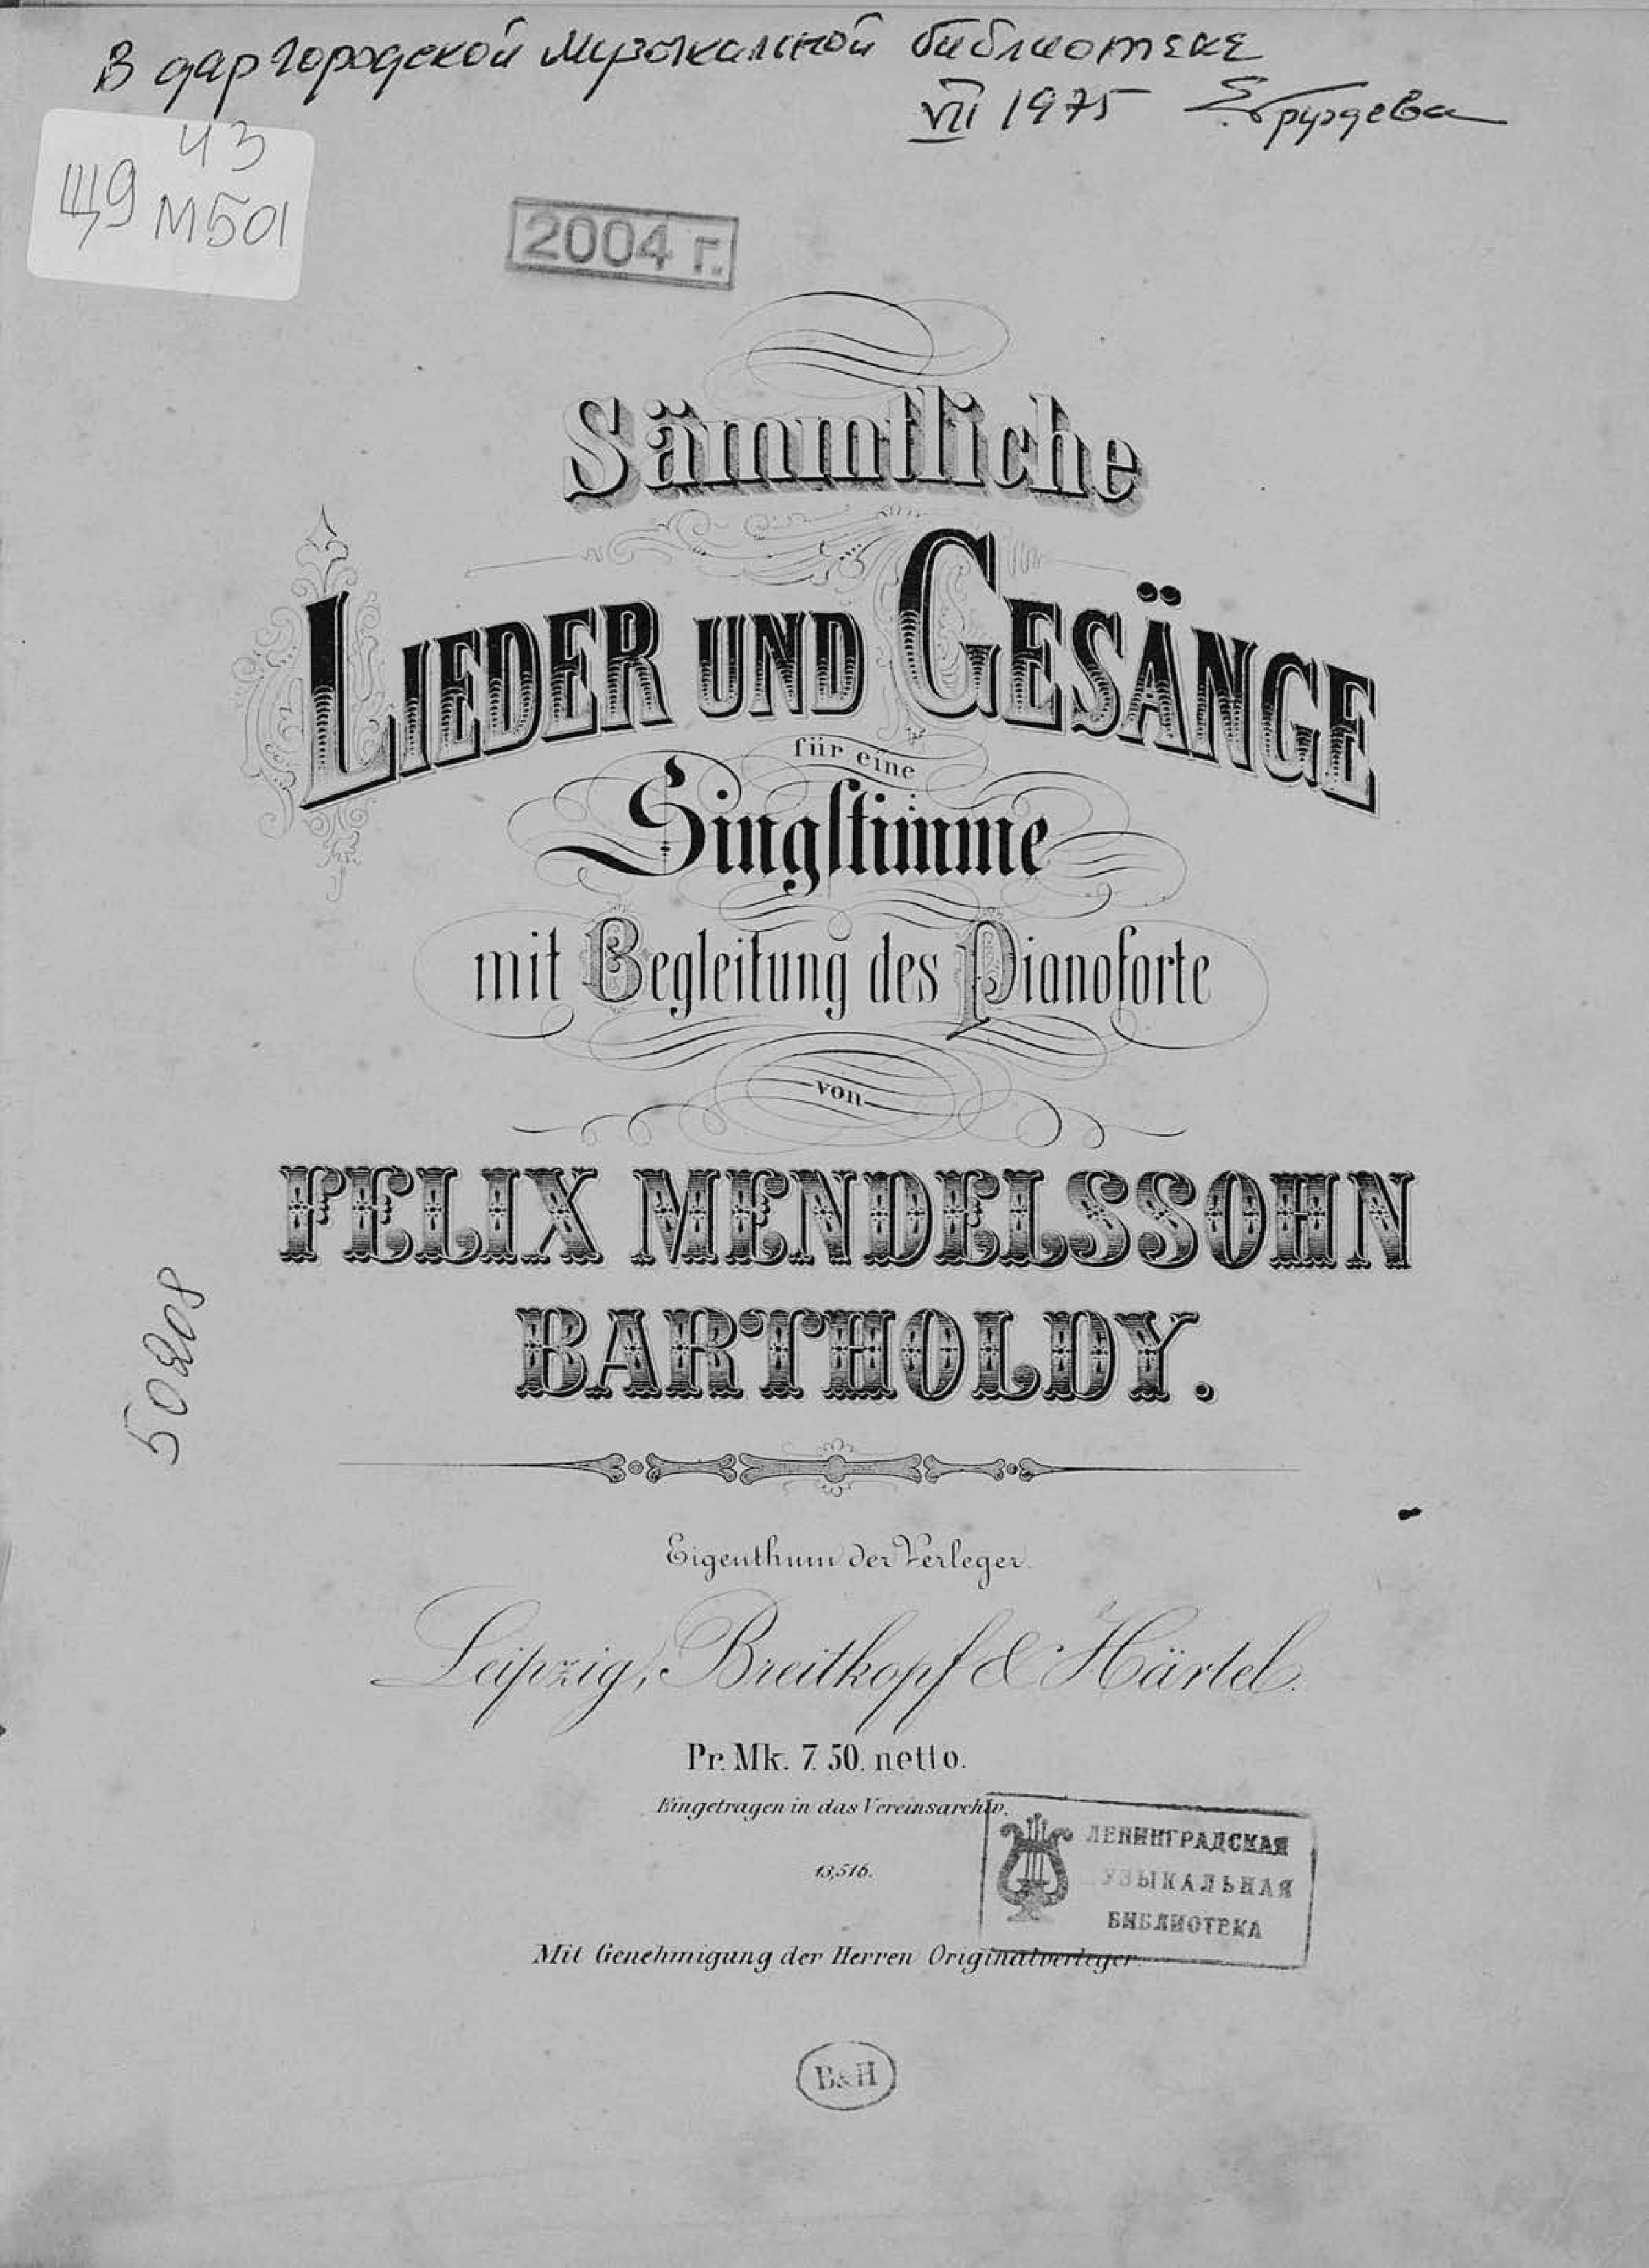 Феликс Мендельсон-Бартольди Sammtliche Lieder und Gesange fur eine Singstimme mit Begleitung des Pianoforte von F. Mendelssohn-Bartholdy mendelssohn bartholdy felix briefe aus den jahren 1830 bis 1847